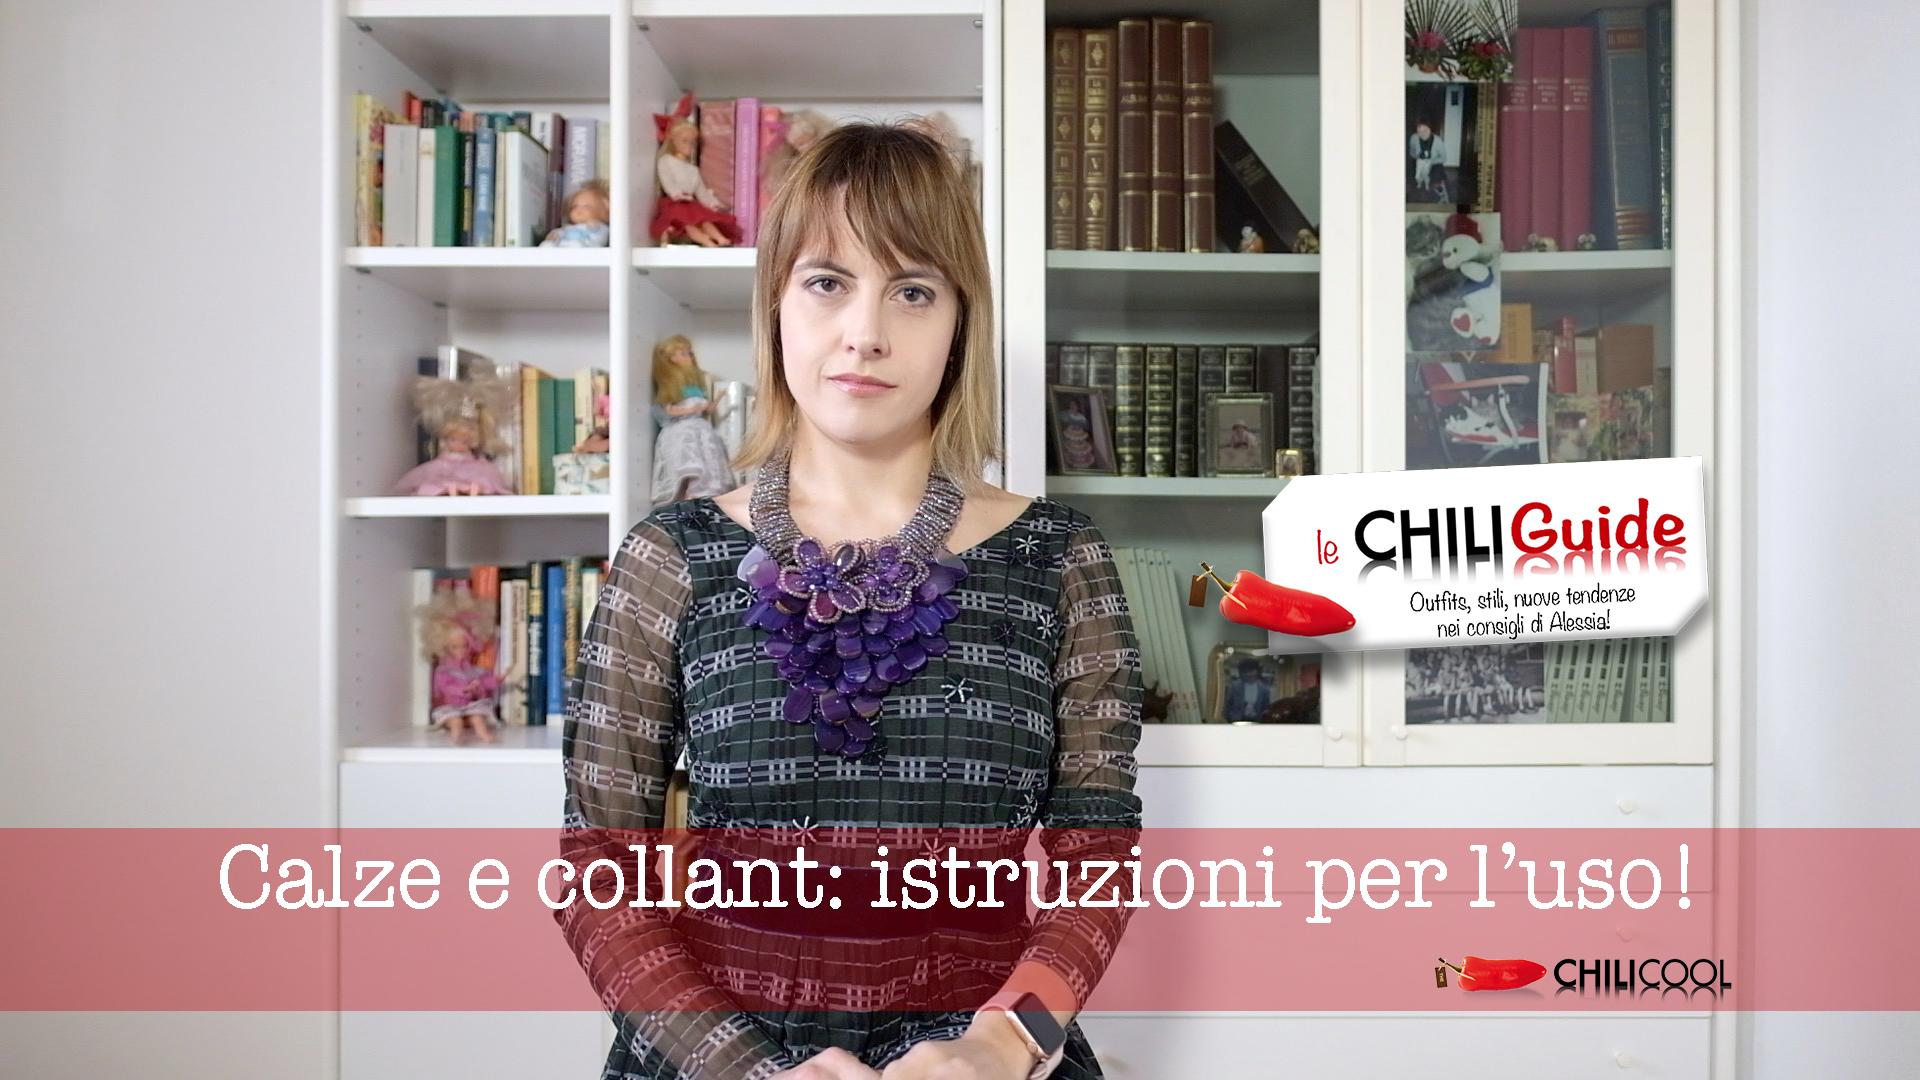 #ChiliGuide: calze e collant, istruzioni per l'uso, alessia milanese, thechilicool, fashion blog, fashion blogger